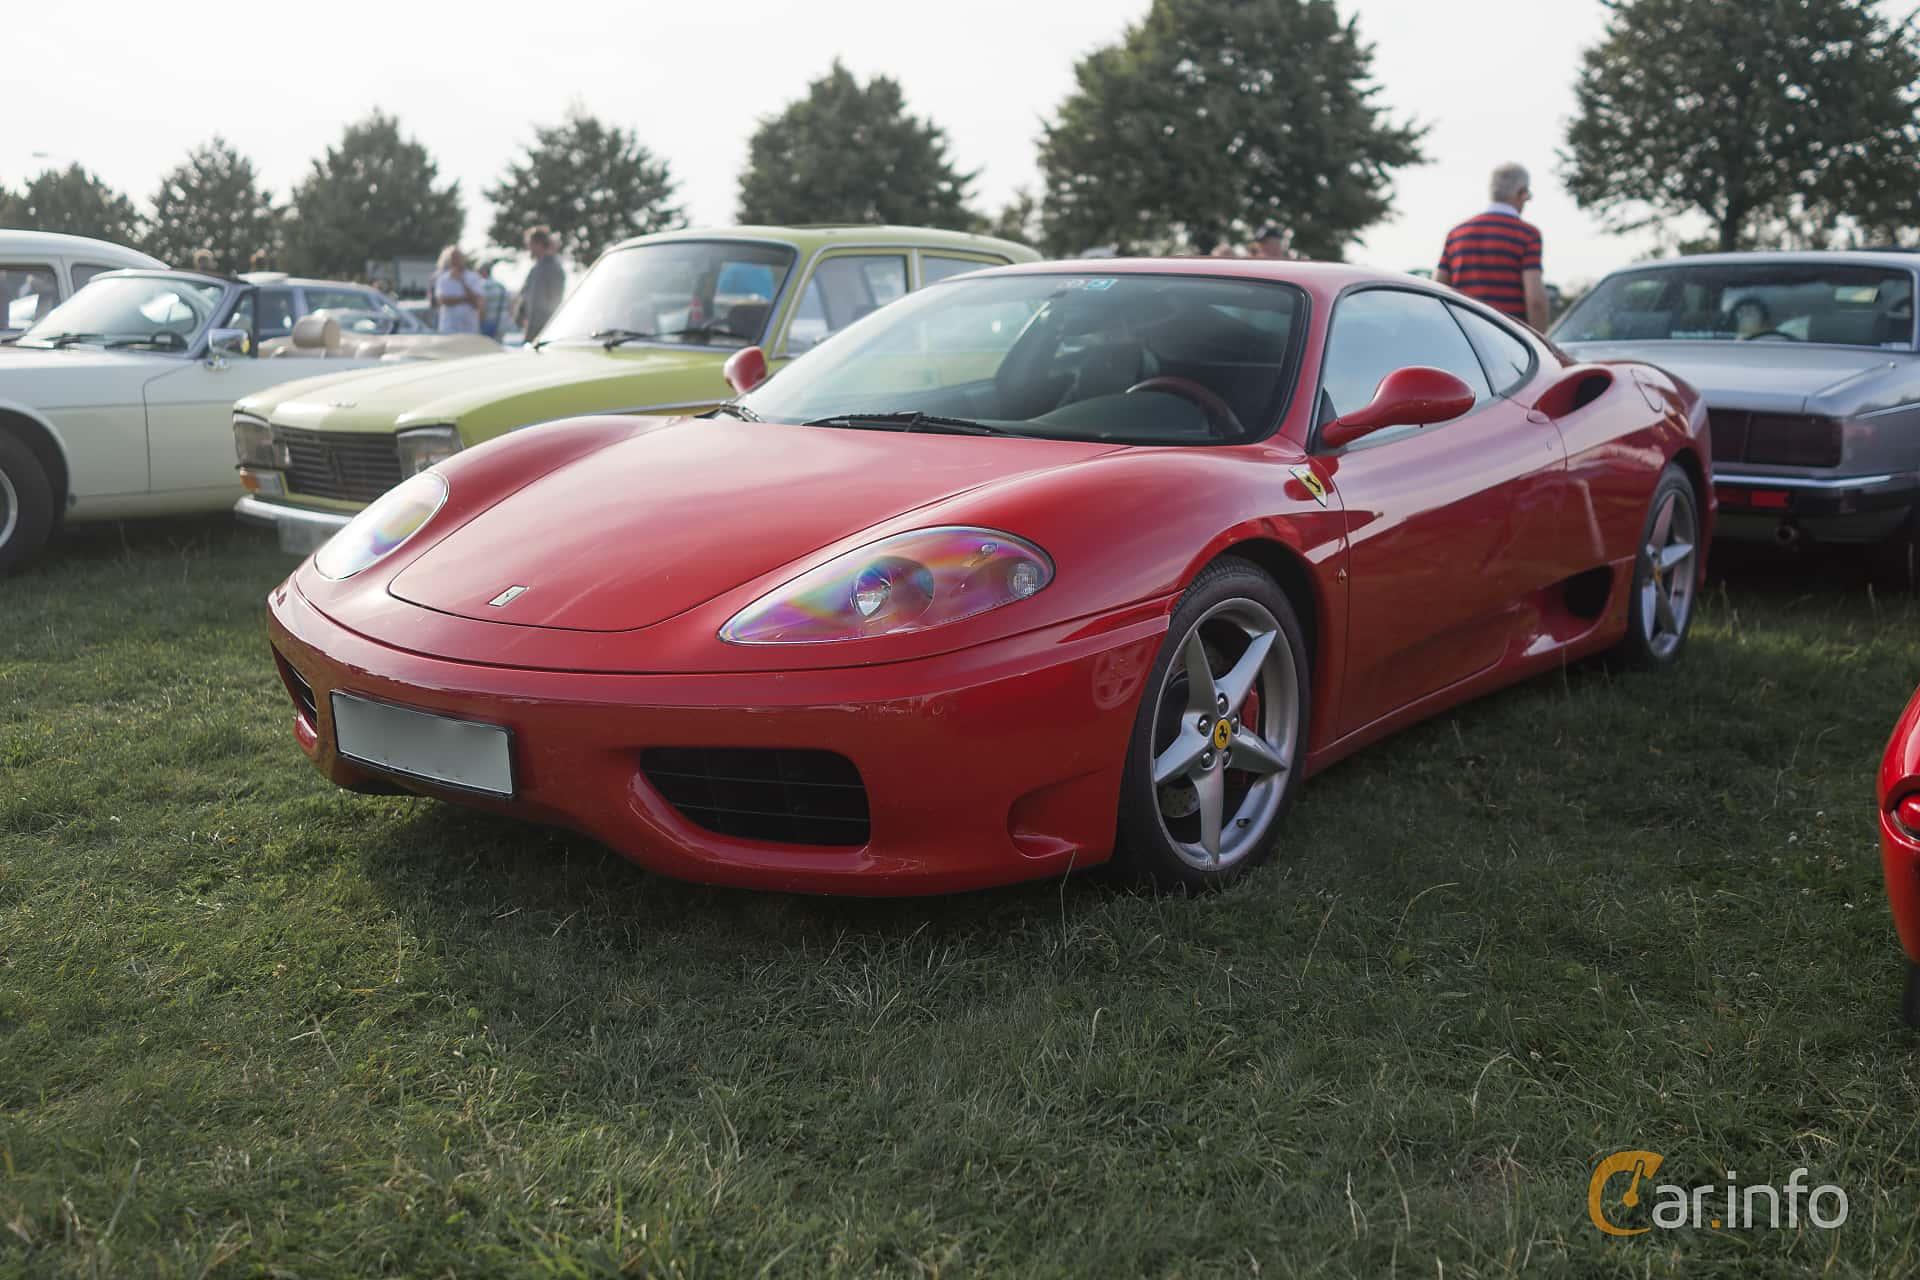 Ferrari 360 Modena 3.6 V8 Sequential, 400hp, 2001 at Tisdagsträffarna Vikingatider v.32 / 2015